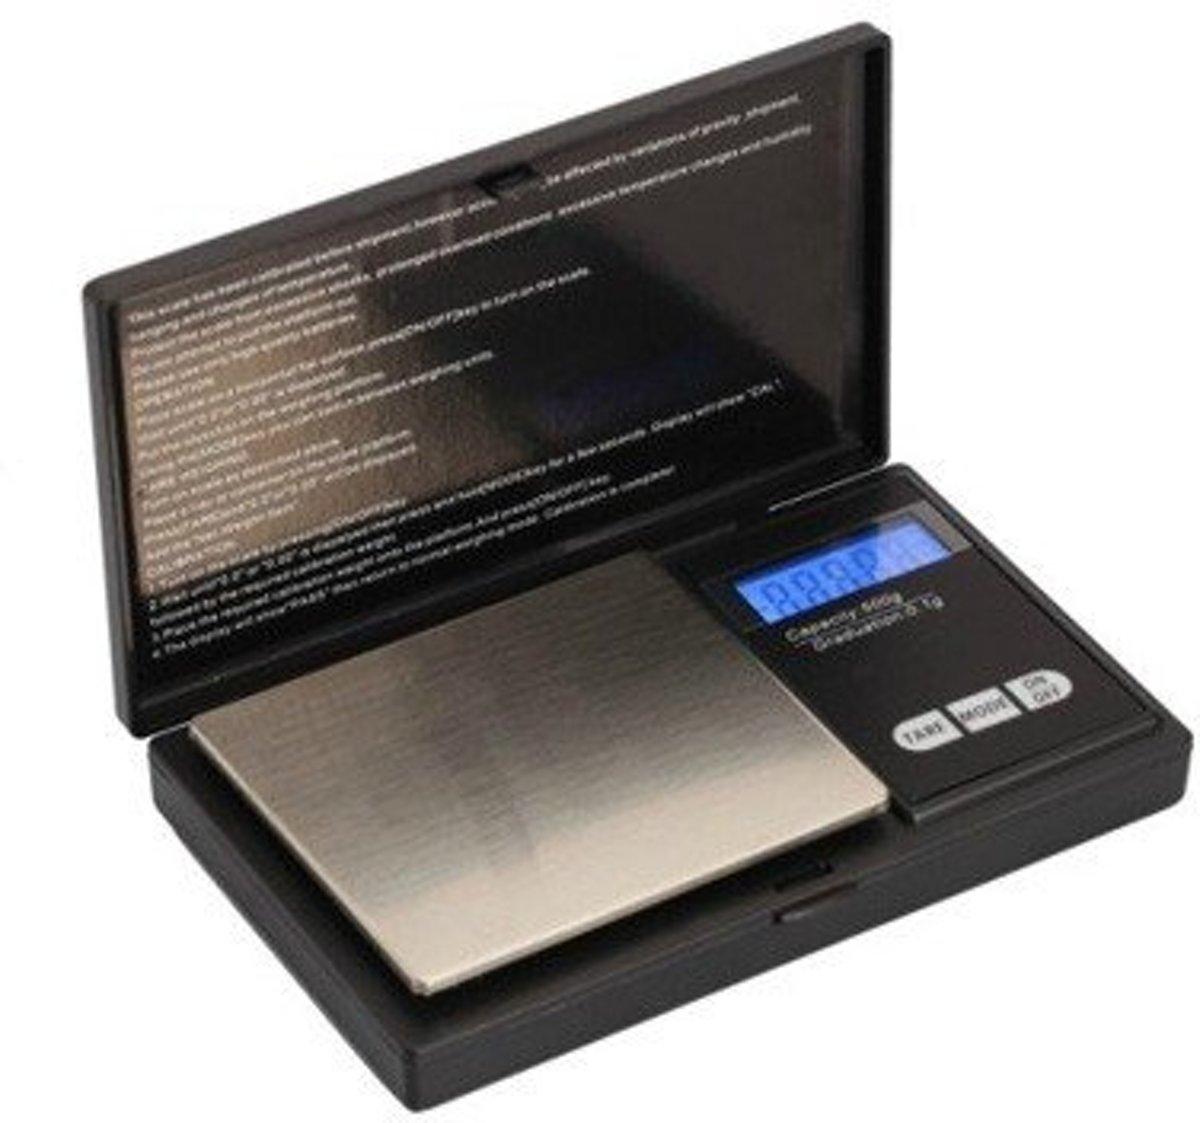 Digitale Pocket-weegschaal kopen